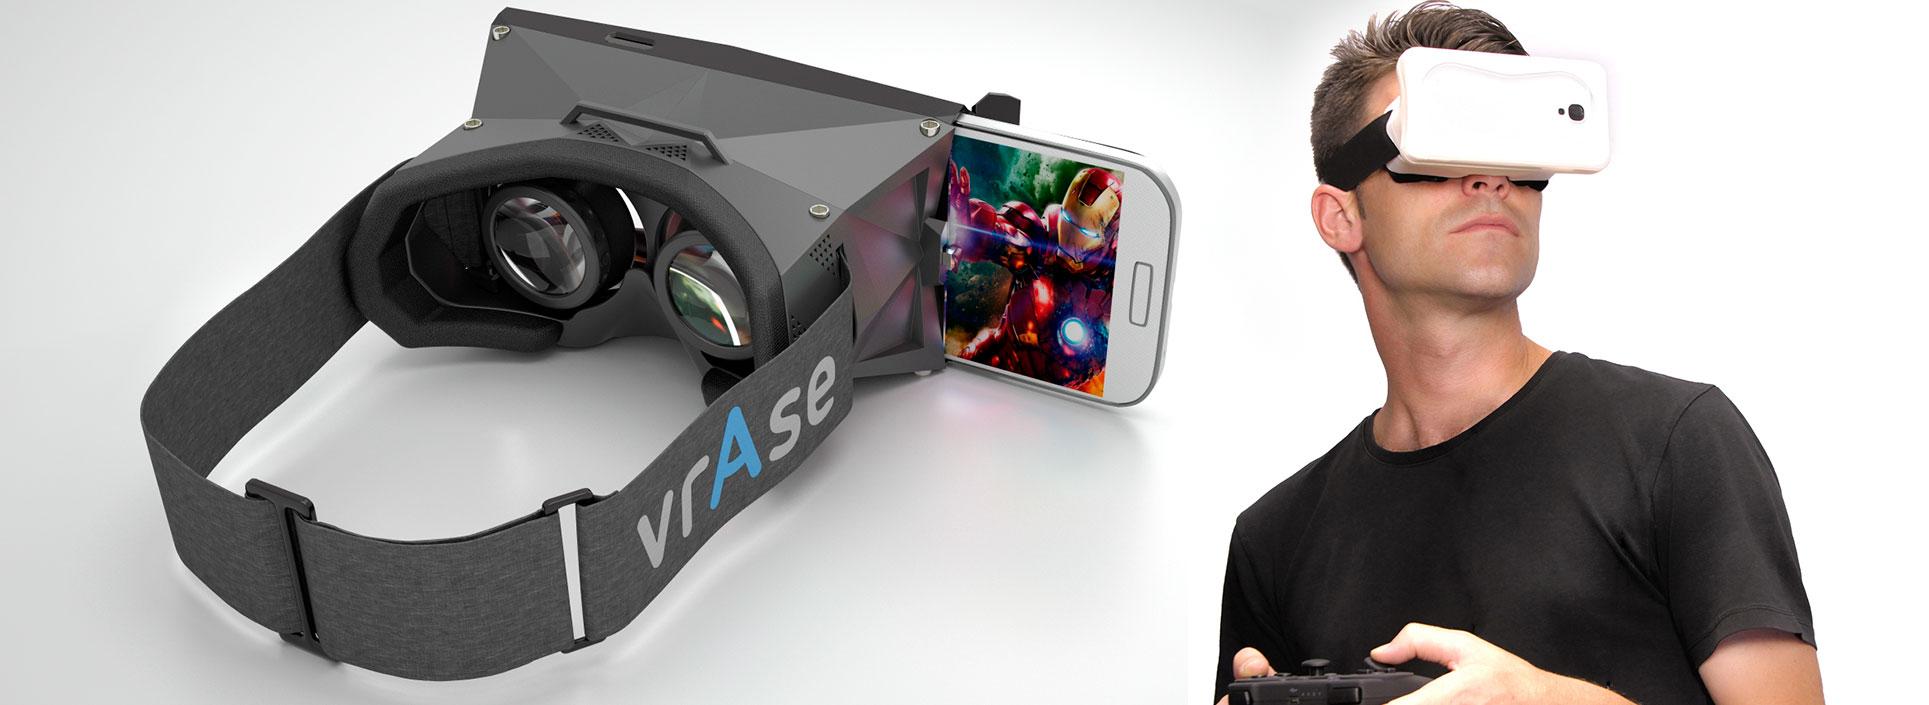 3d очки виртуальной реальности для компьютера видео ударопрочный кейс к квадрокоптеру фантом